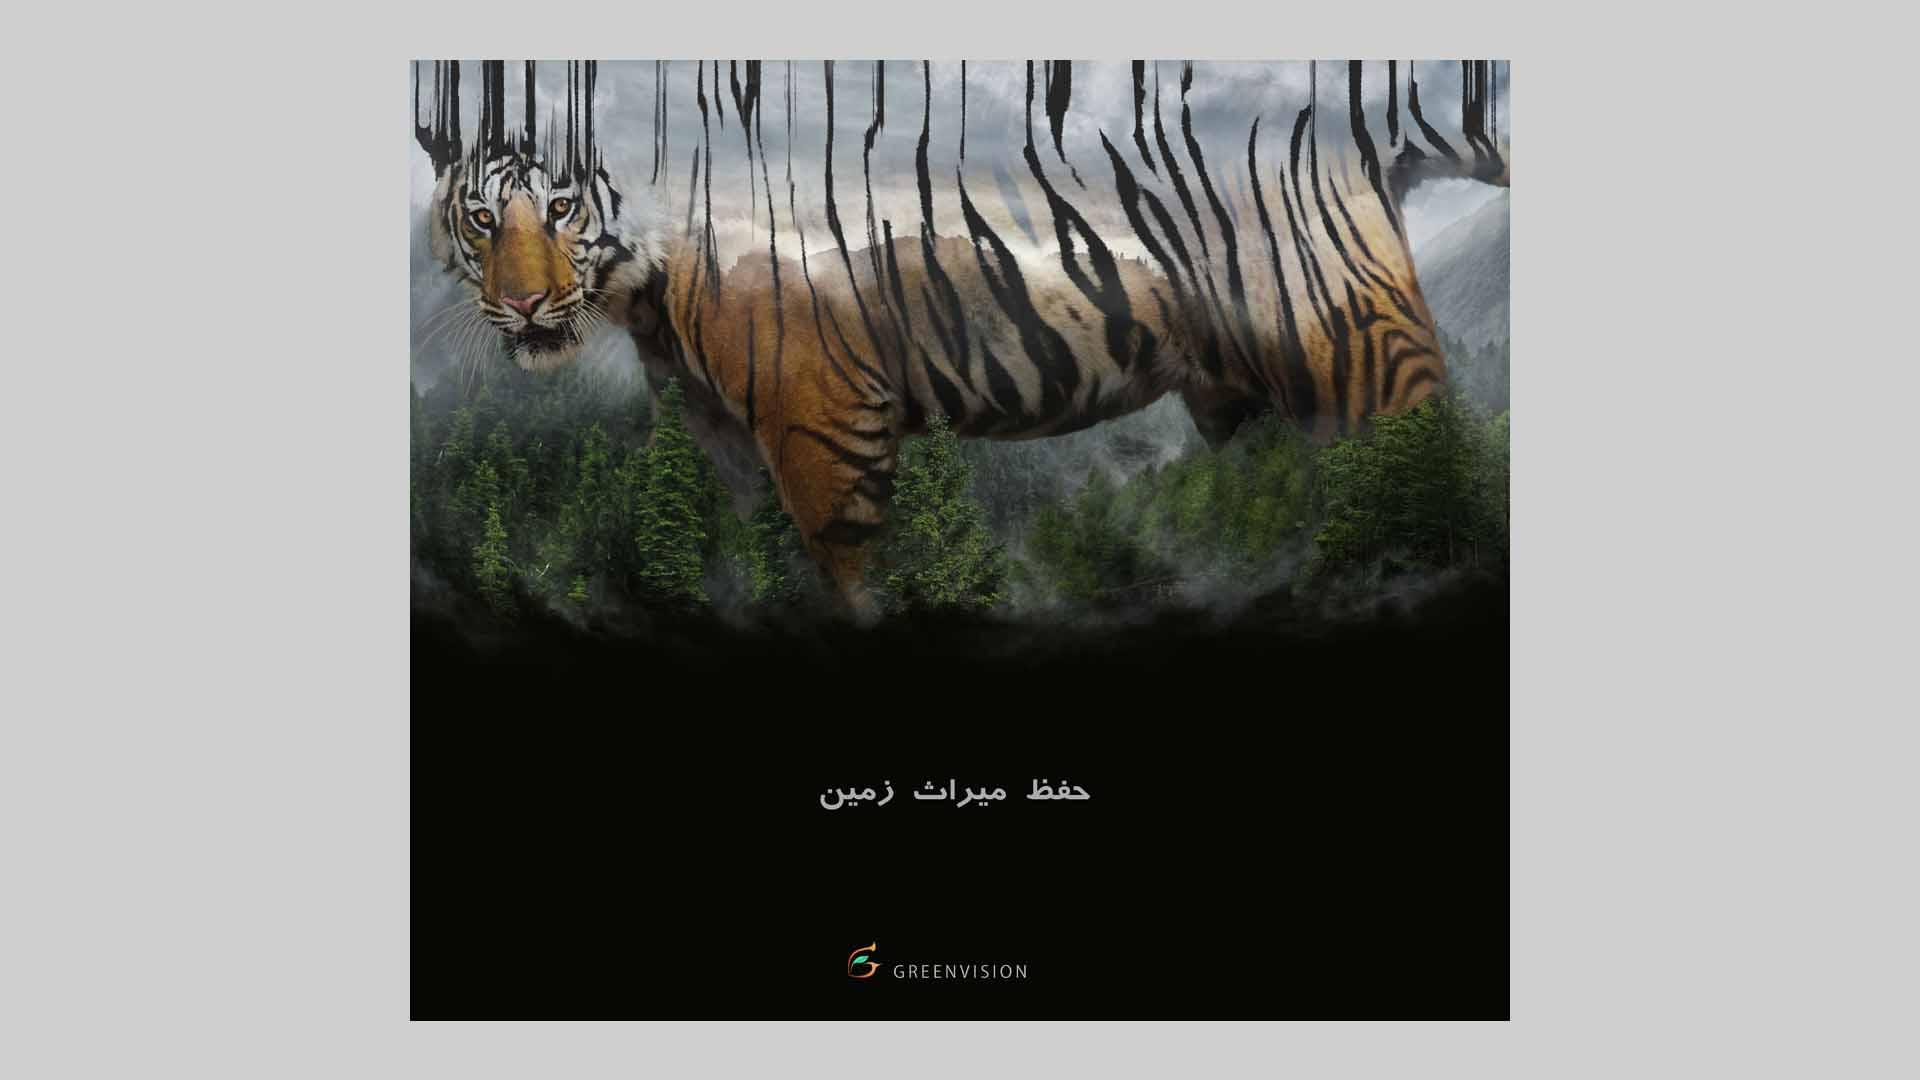 طراحی گرافیک | طراحی کاراکتر | انیمیشن 3بعدی| شرکت تبلیغاتی ویرا ورنا